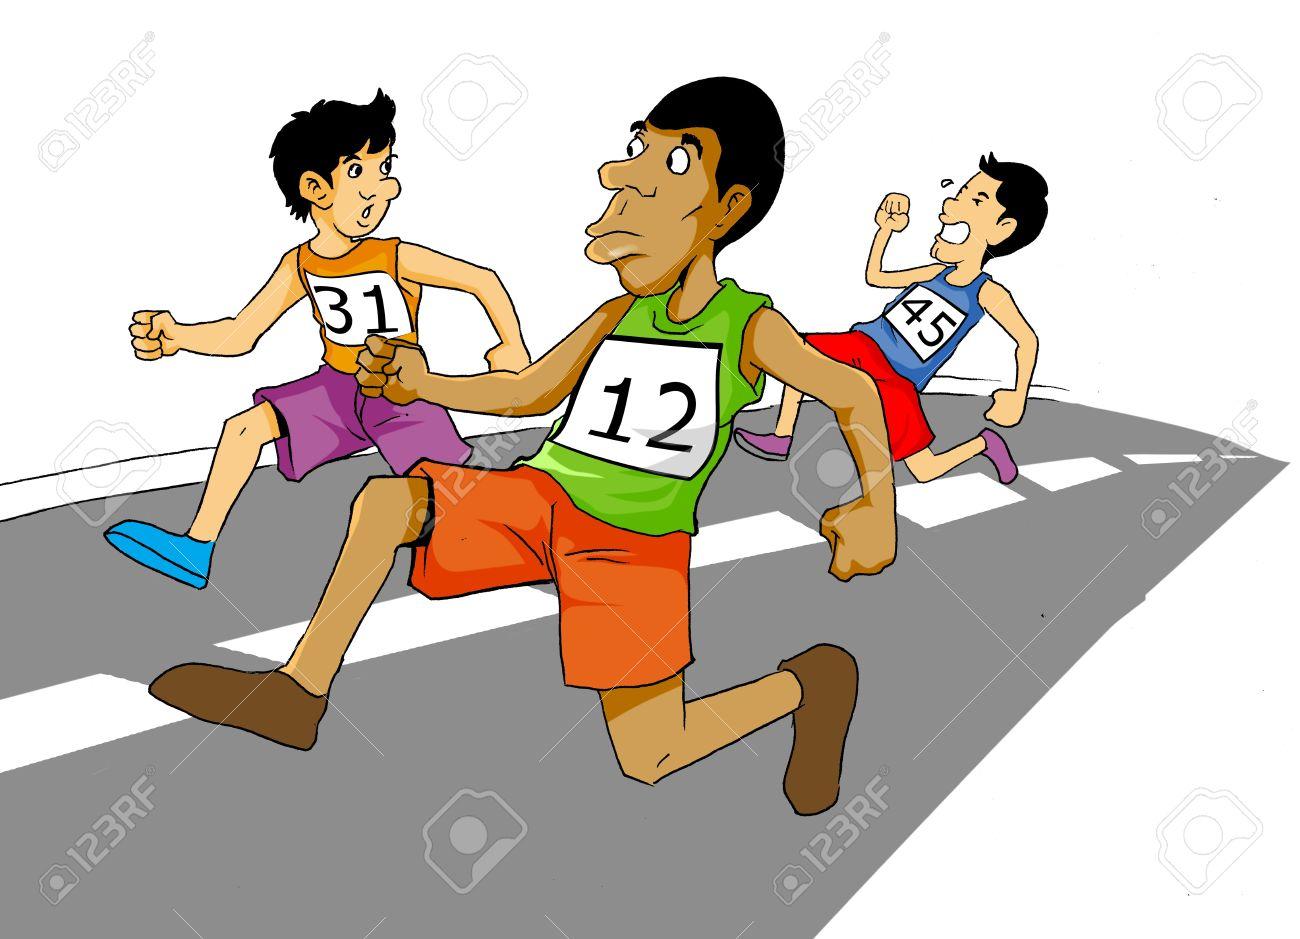 ddadc2c993 Foto de archivo - Ilustración de dibujos animados de los hombres de carreras